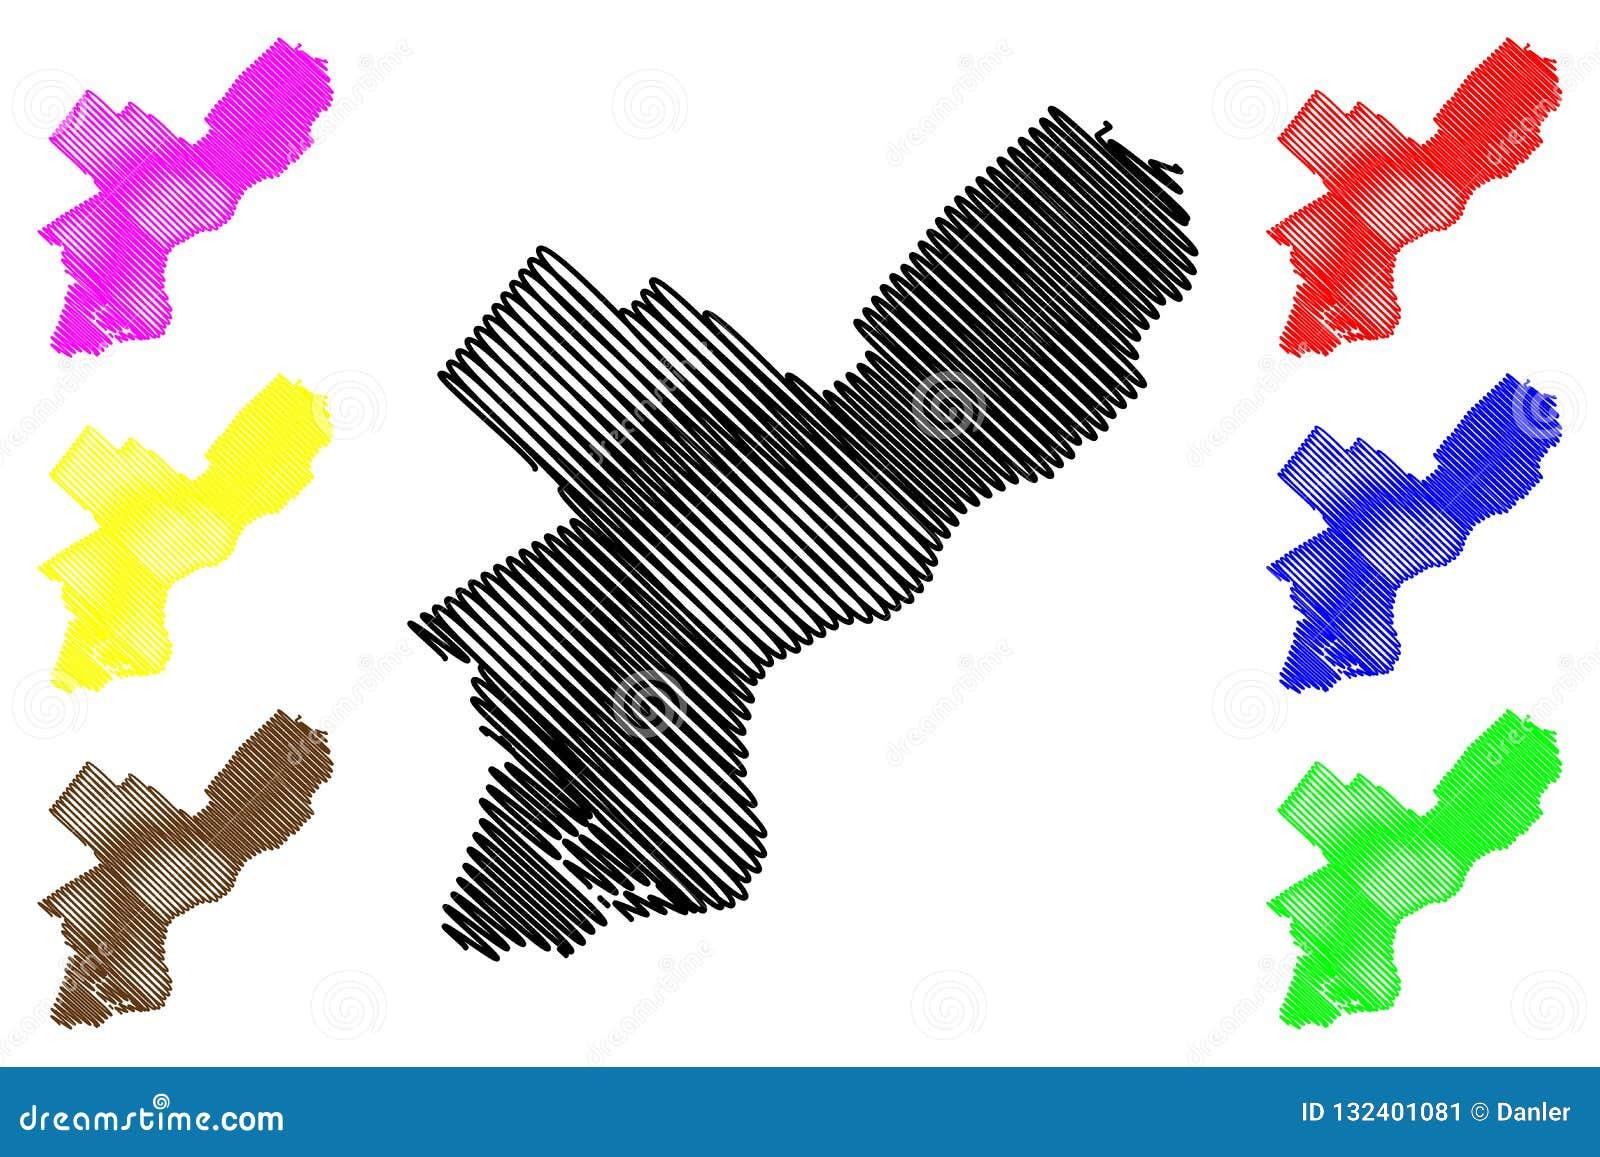 Philadelphia City Map Vector Stock Vector - Illustration of outline ...